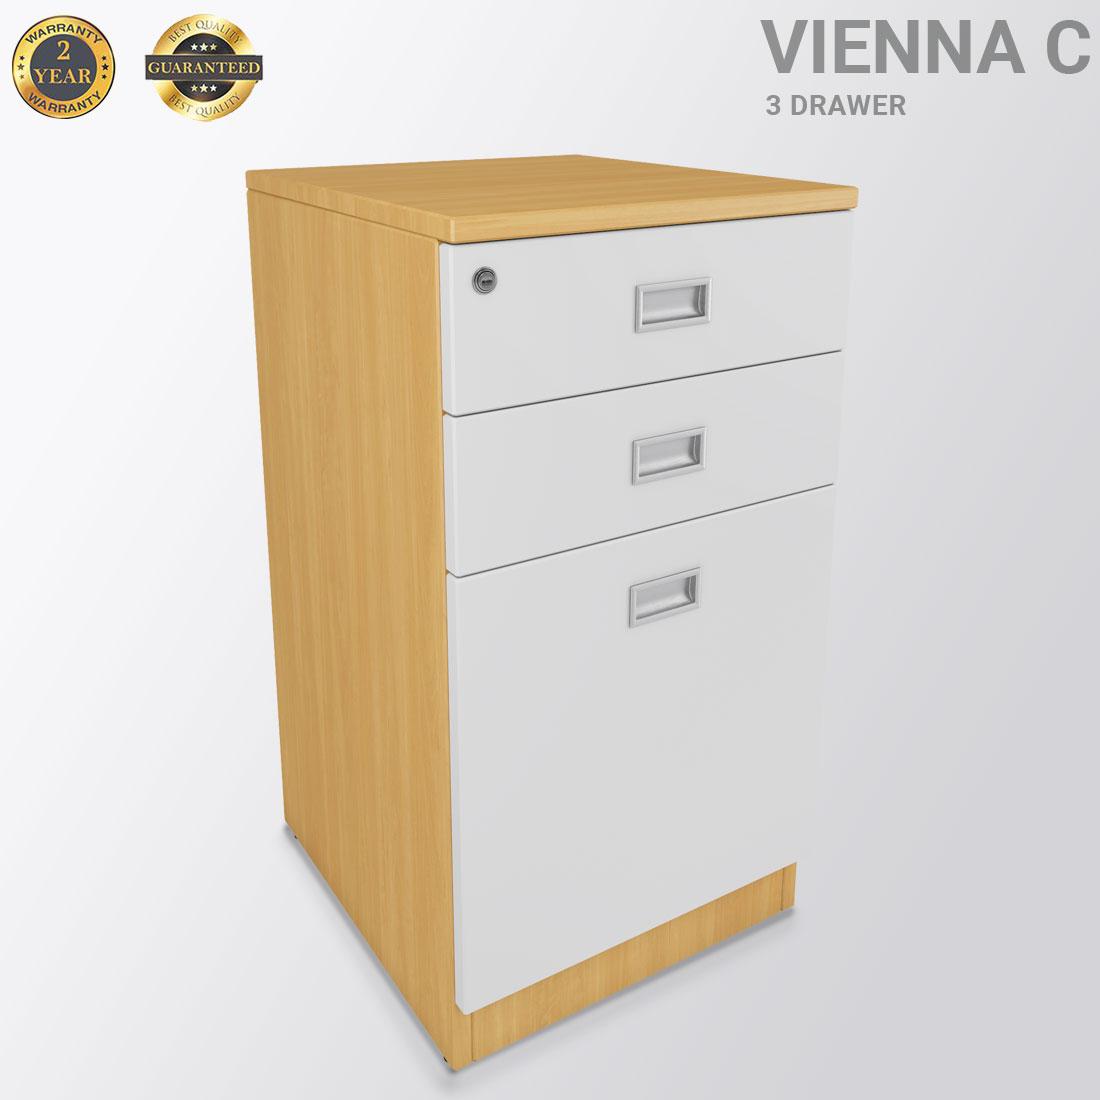 VIENNA C